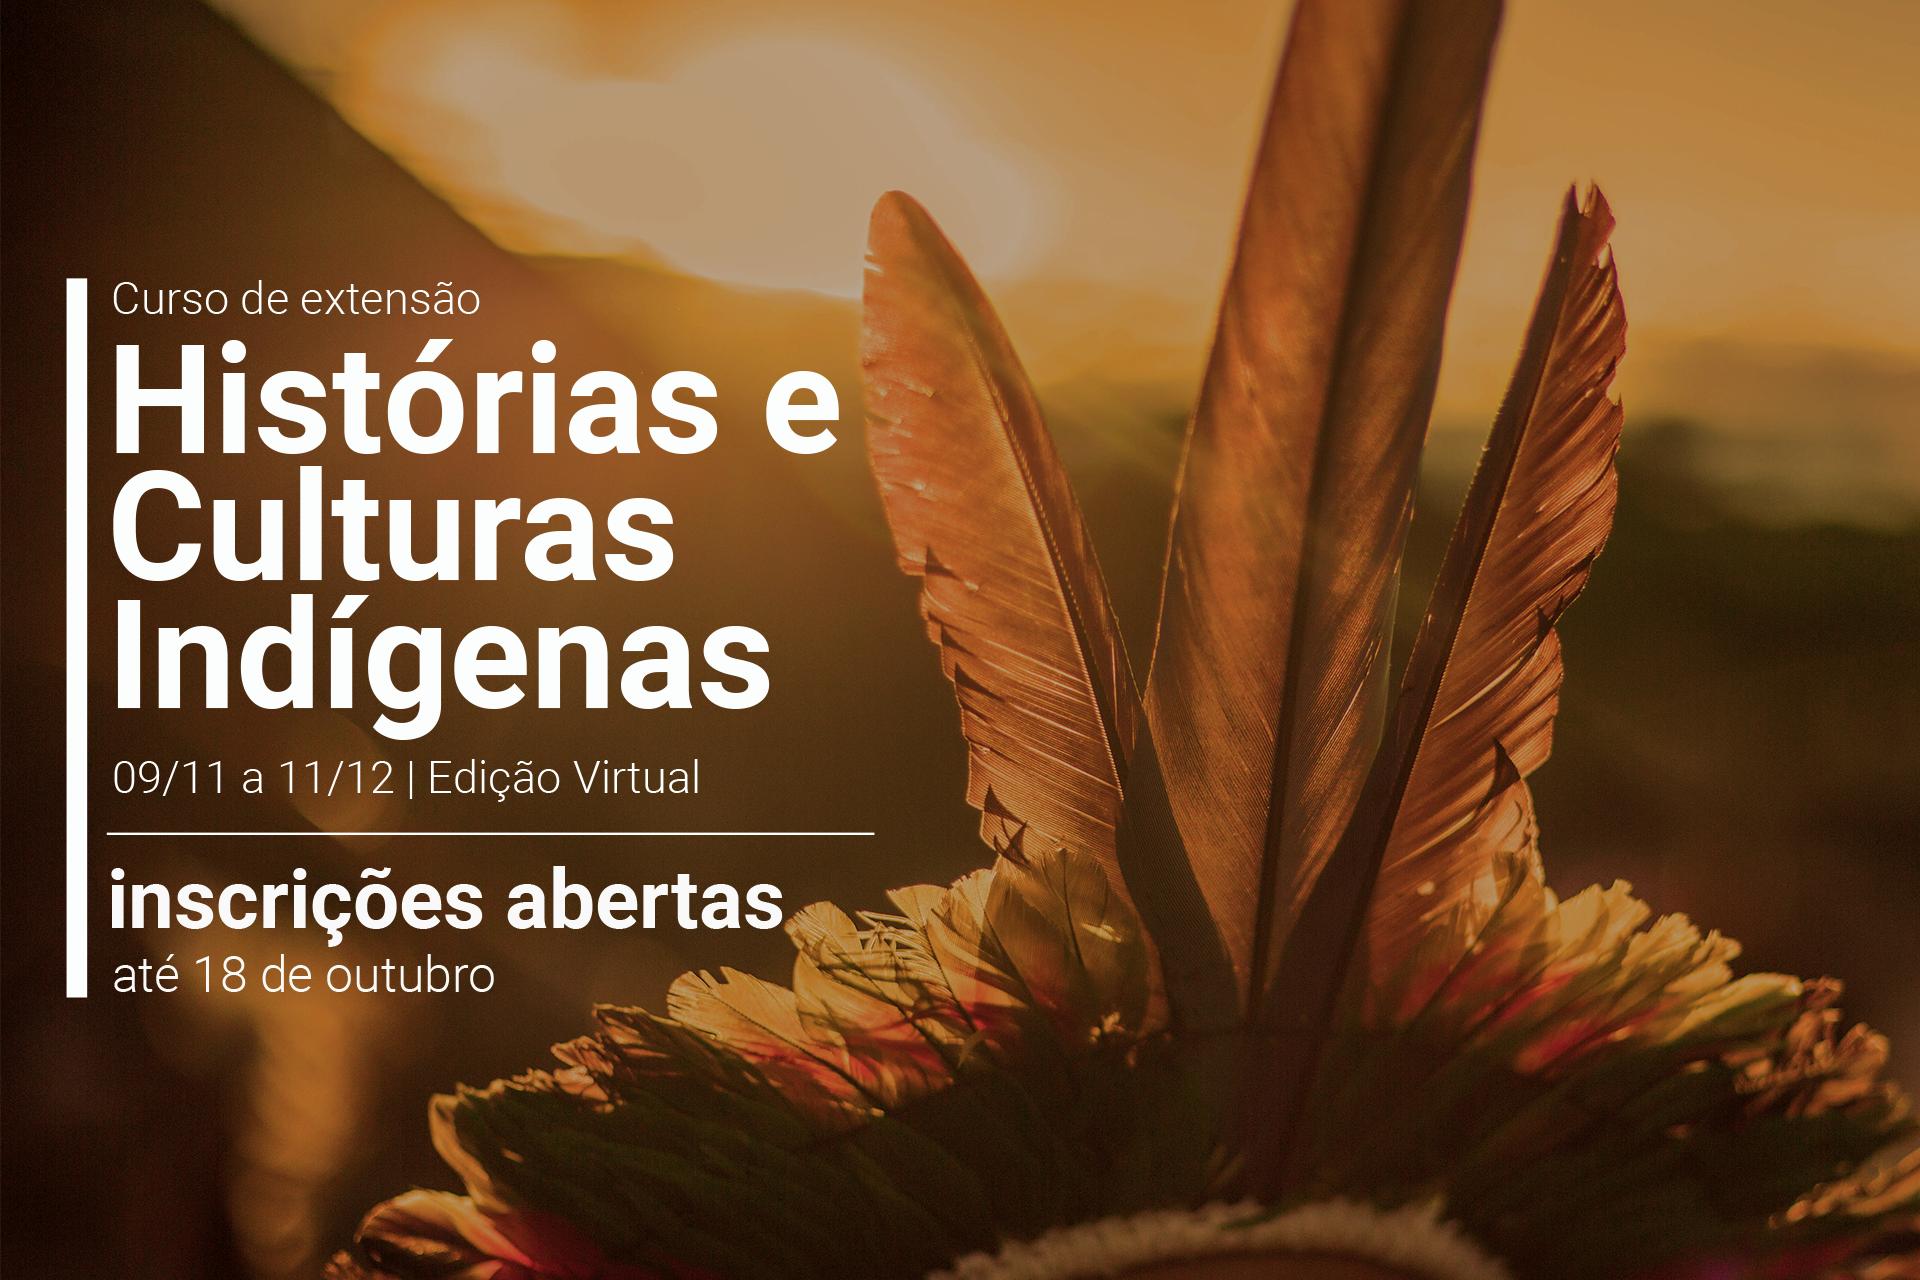 Cimi E Unila Abrem Inscricoes Para Curso De Extensao Em Historias E Culturas Indigenas Cimi